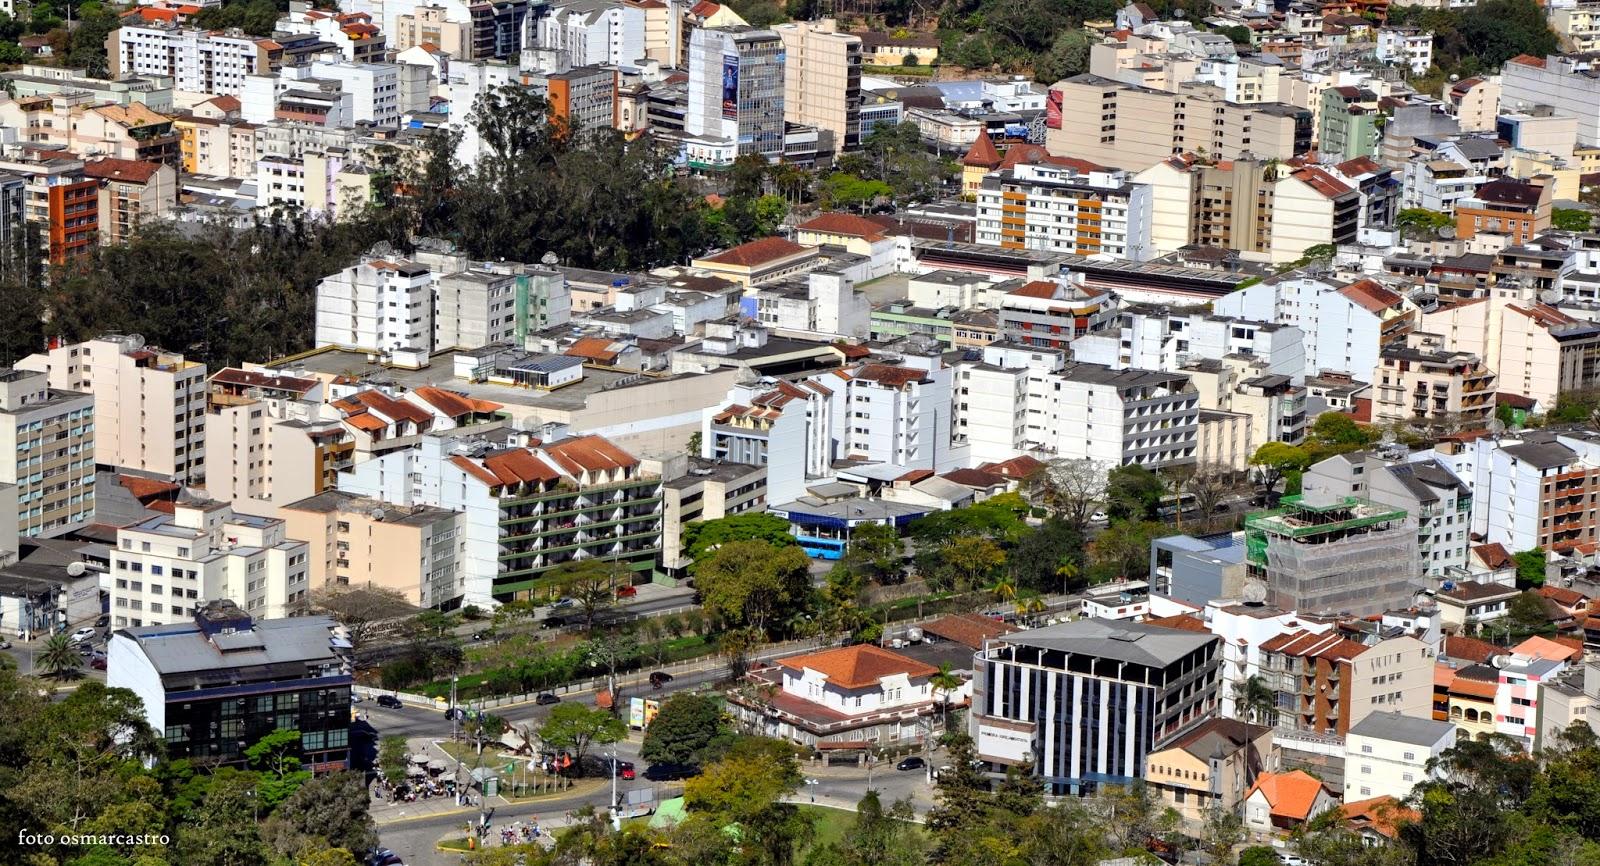 f2e535417 Vista do centro urbano e financeiro de Nova Friburgo